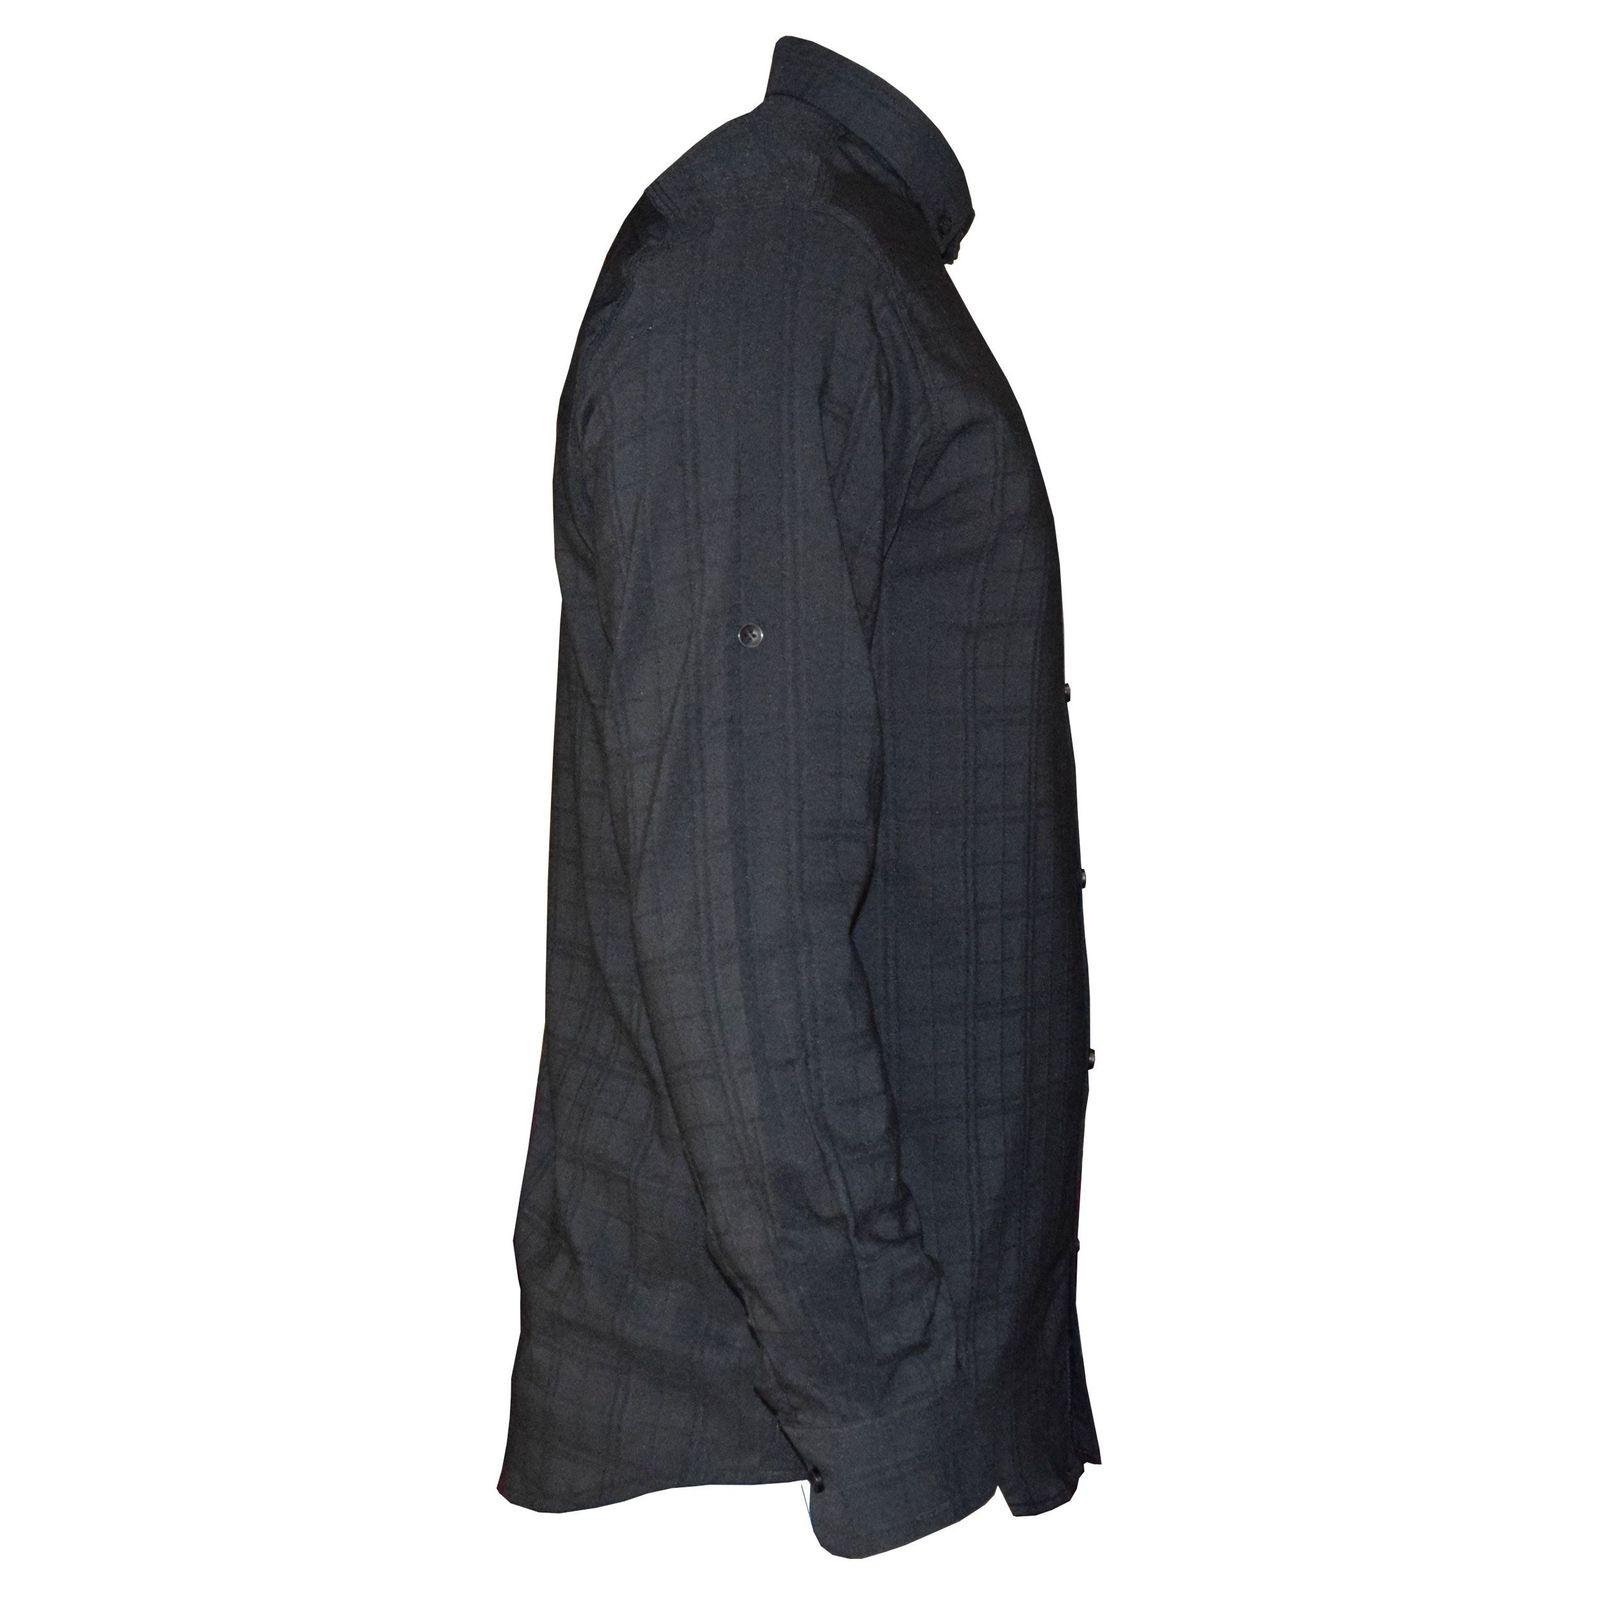 پیراهن مردانه پایتی جامه کد 1901439 main 1 3